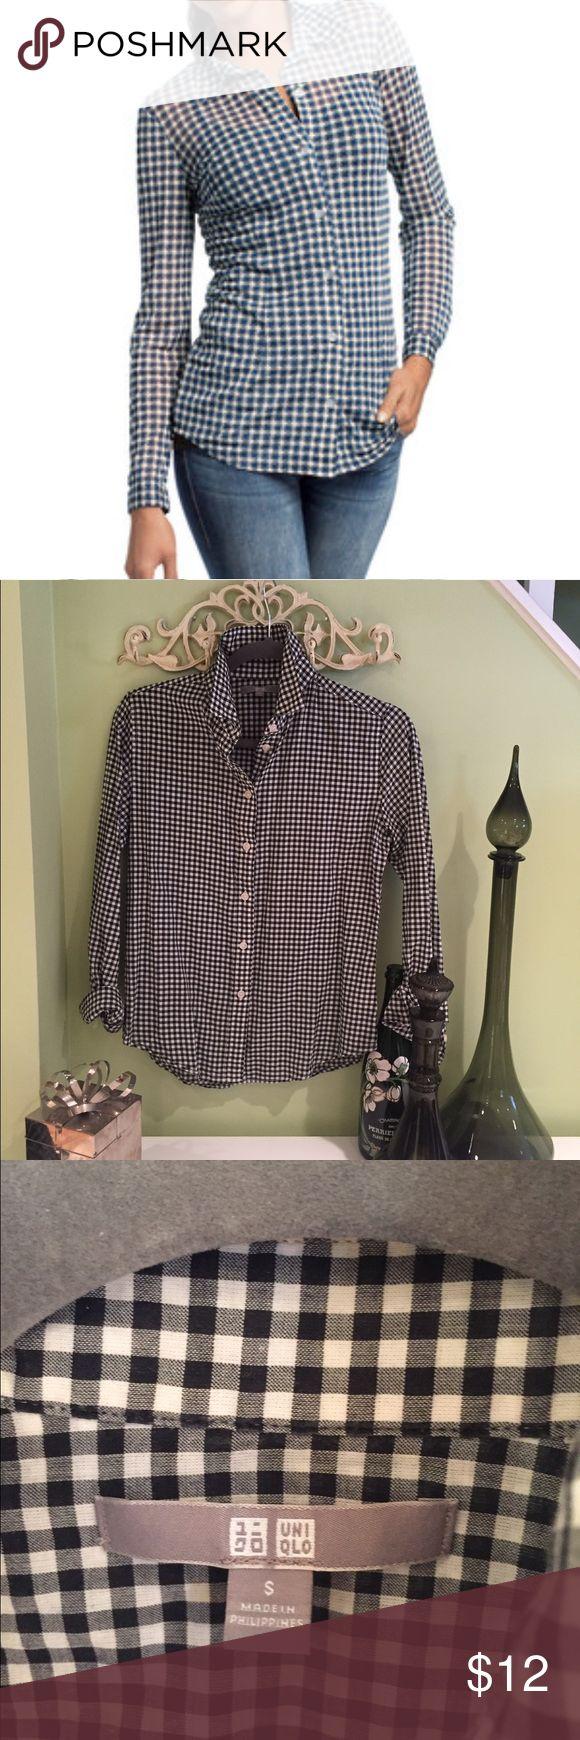 UNIQLO Black & White Checkered Shirt Cute, cute, cute! Uniqlo Tops Blouses